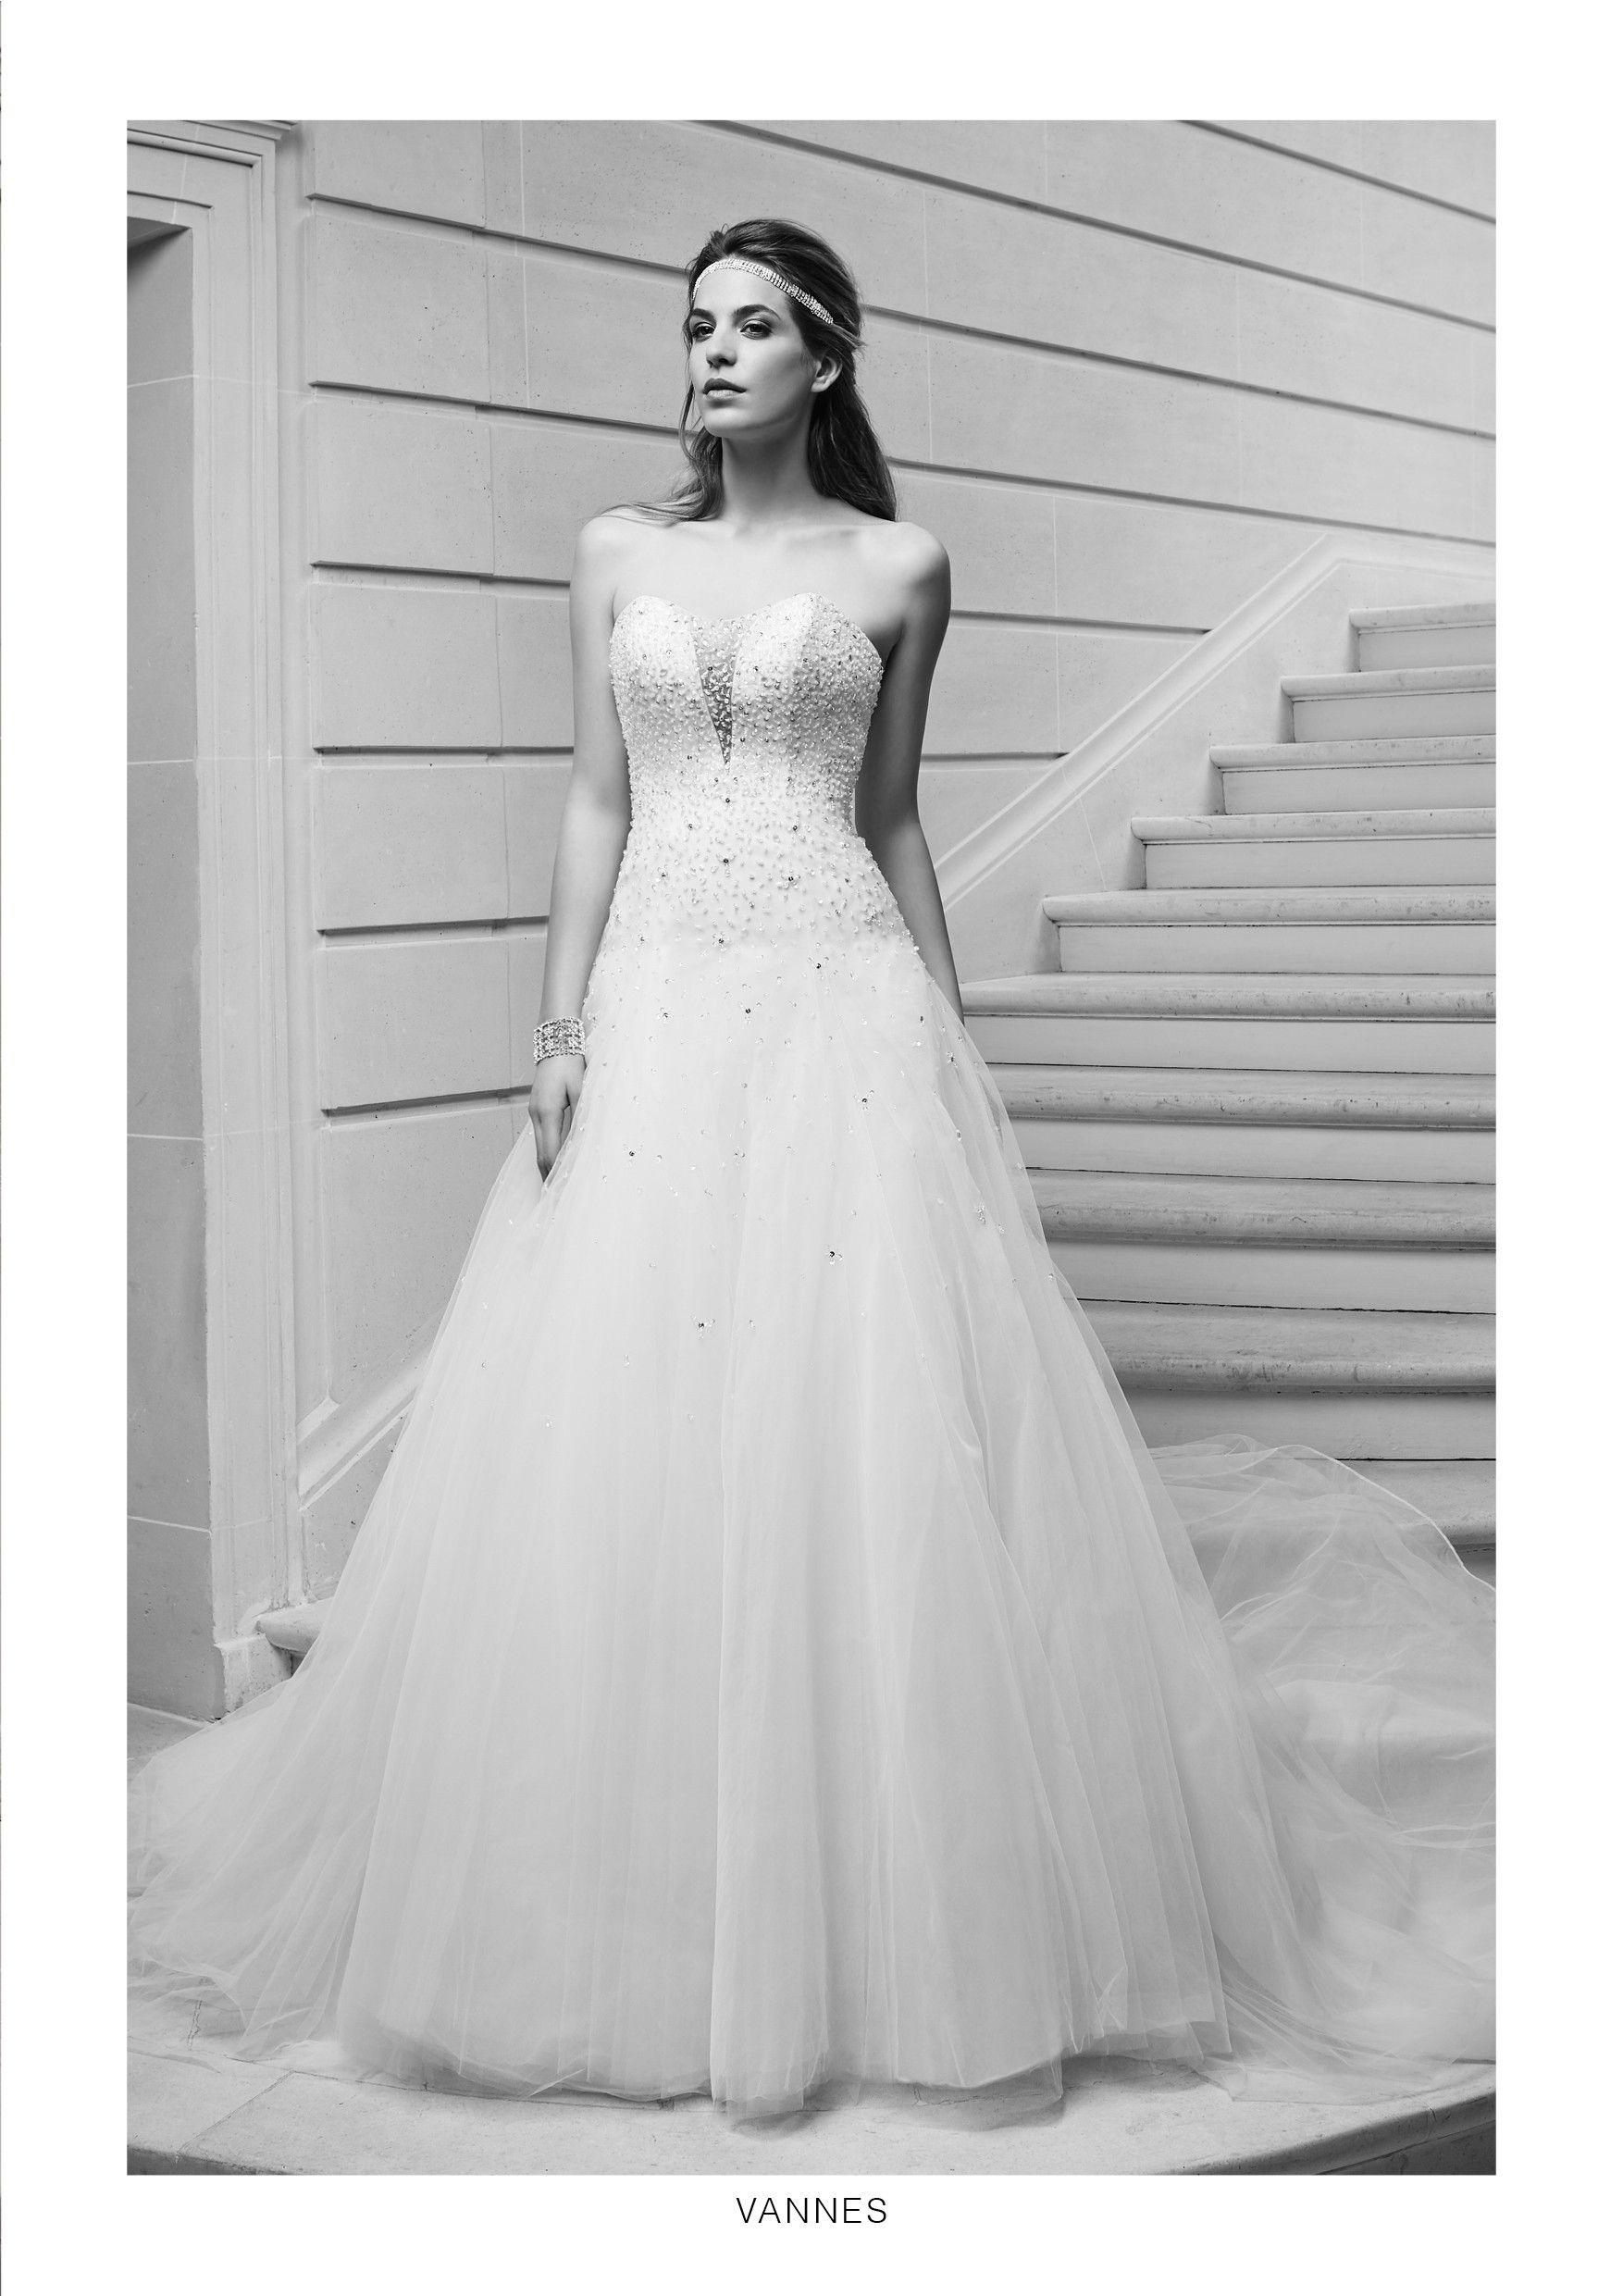 VANNES | Robe de mariage, Idées vestimentaires,